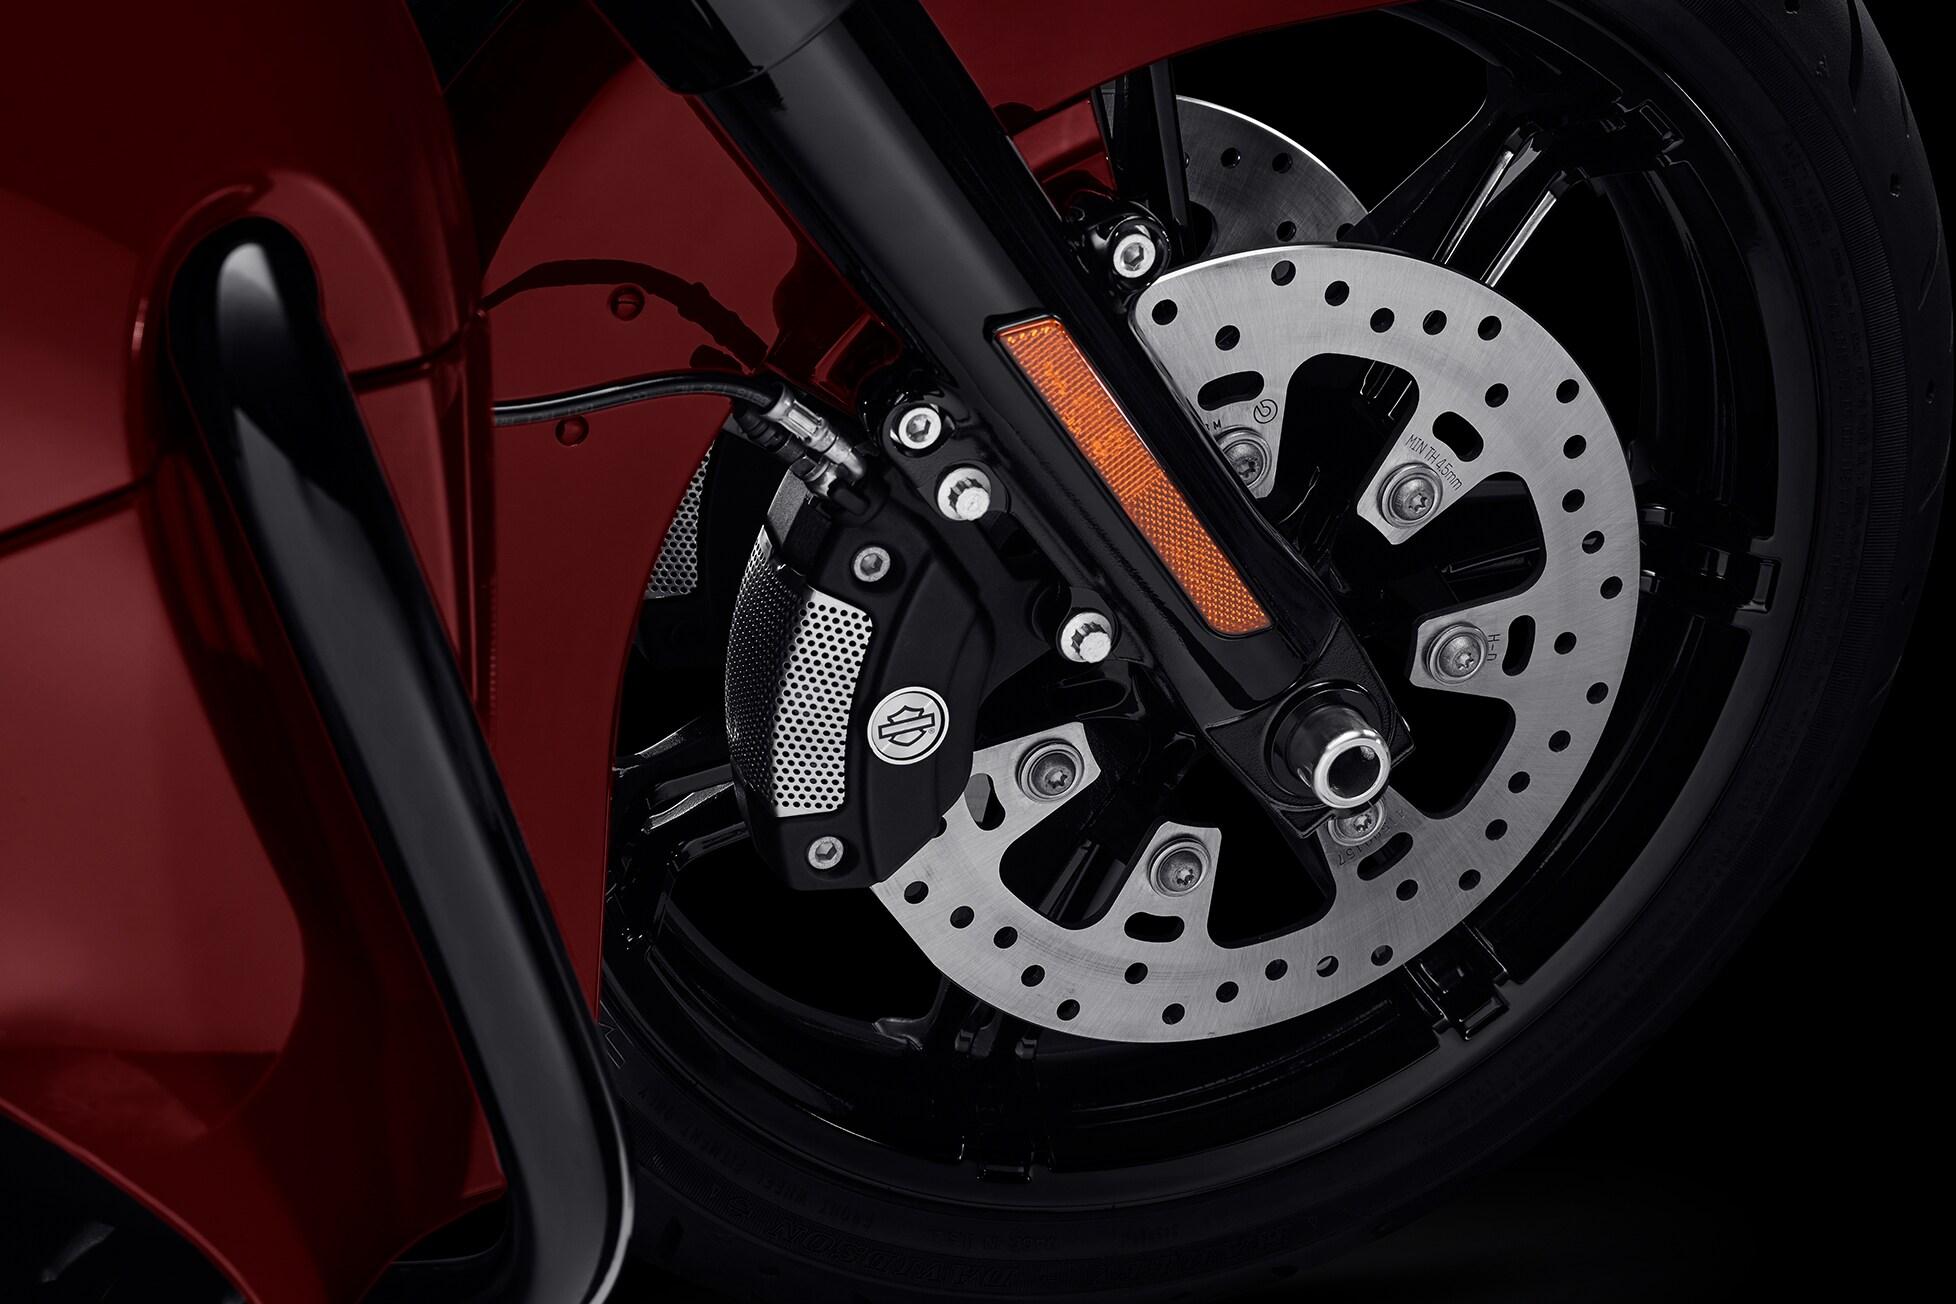 Concebidos para ajudar a evitar que as rodas travem durante a frenagem e permitir que o motociclista mantenha o controle ao frear em linha reta. O ABS funciona de forma independente nos freios dianteiro e traseiro para manter as rodas girando e ajudar a evitar o travamento descontrolado da roda em situações de urgência.